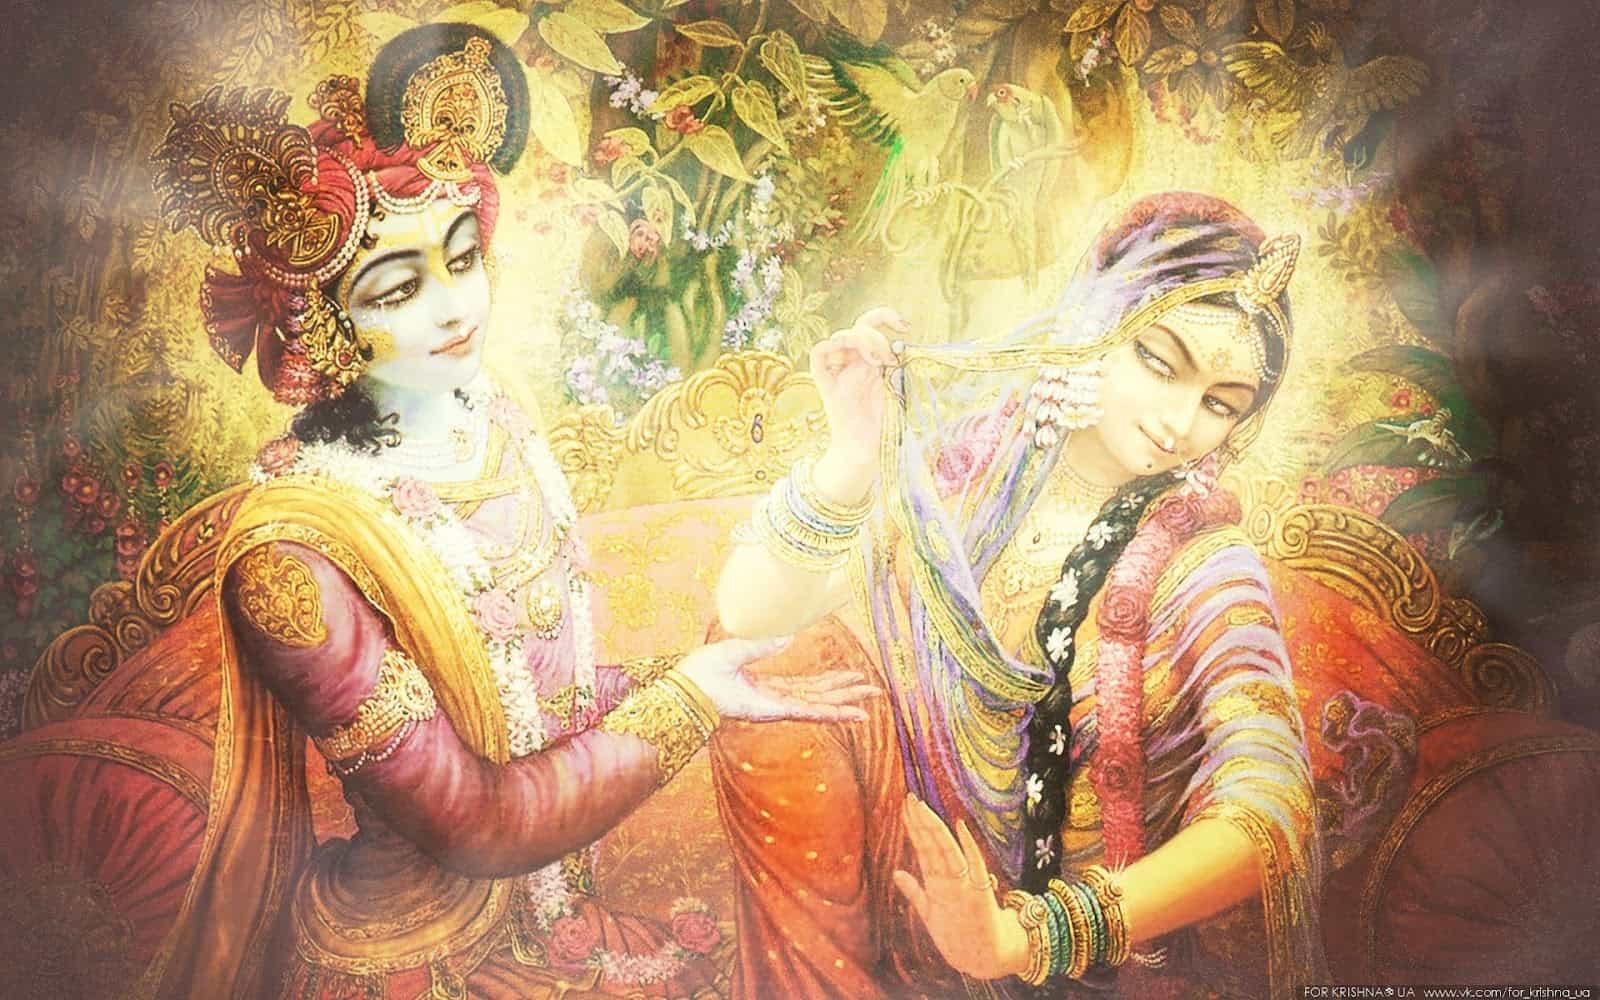 Кришну и его возлюбленная Радха